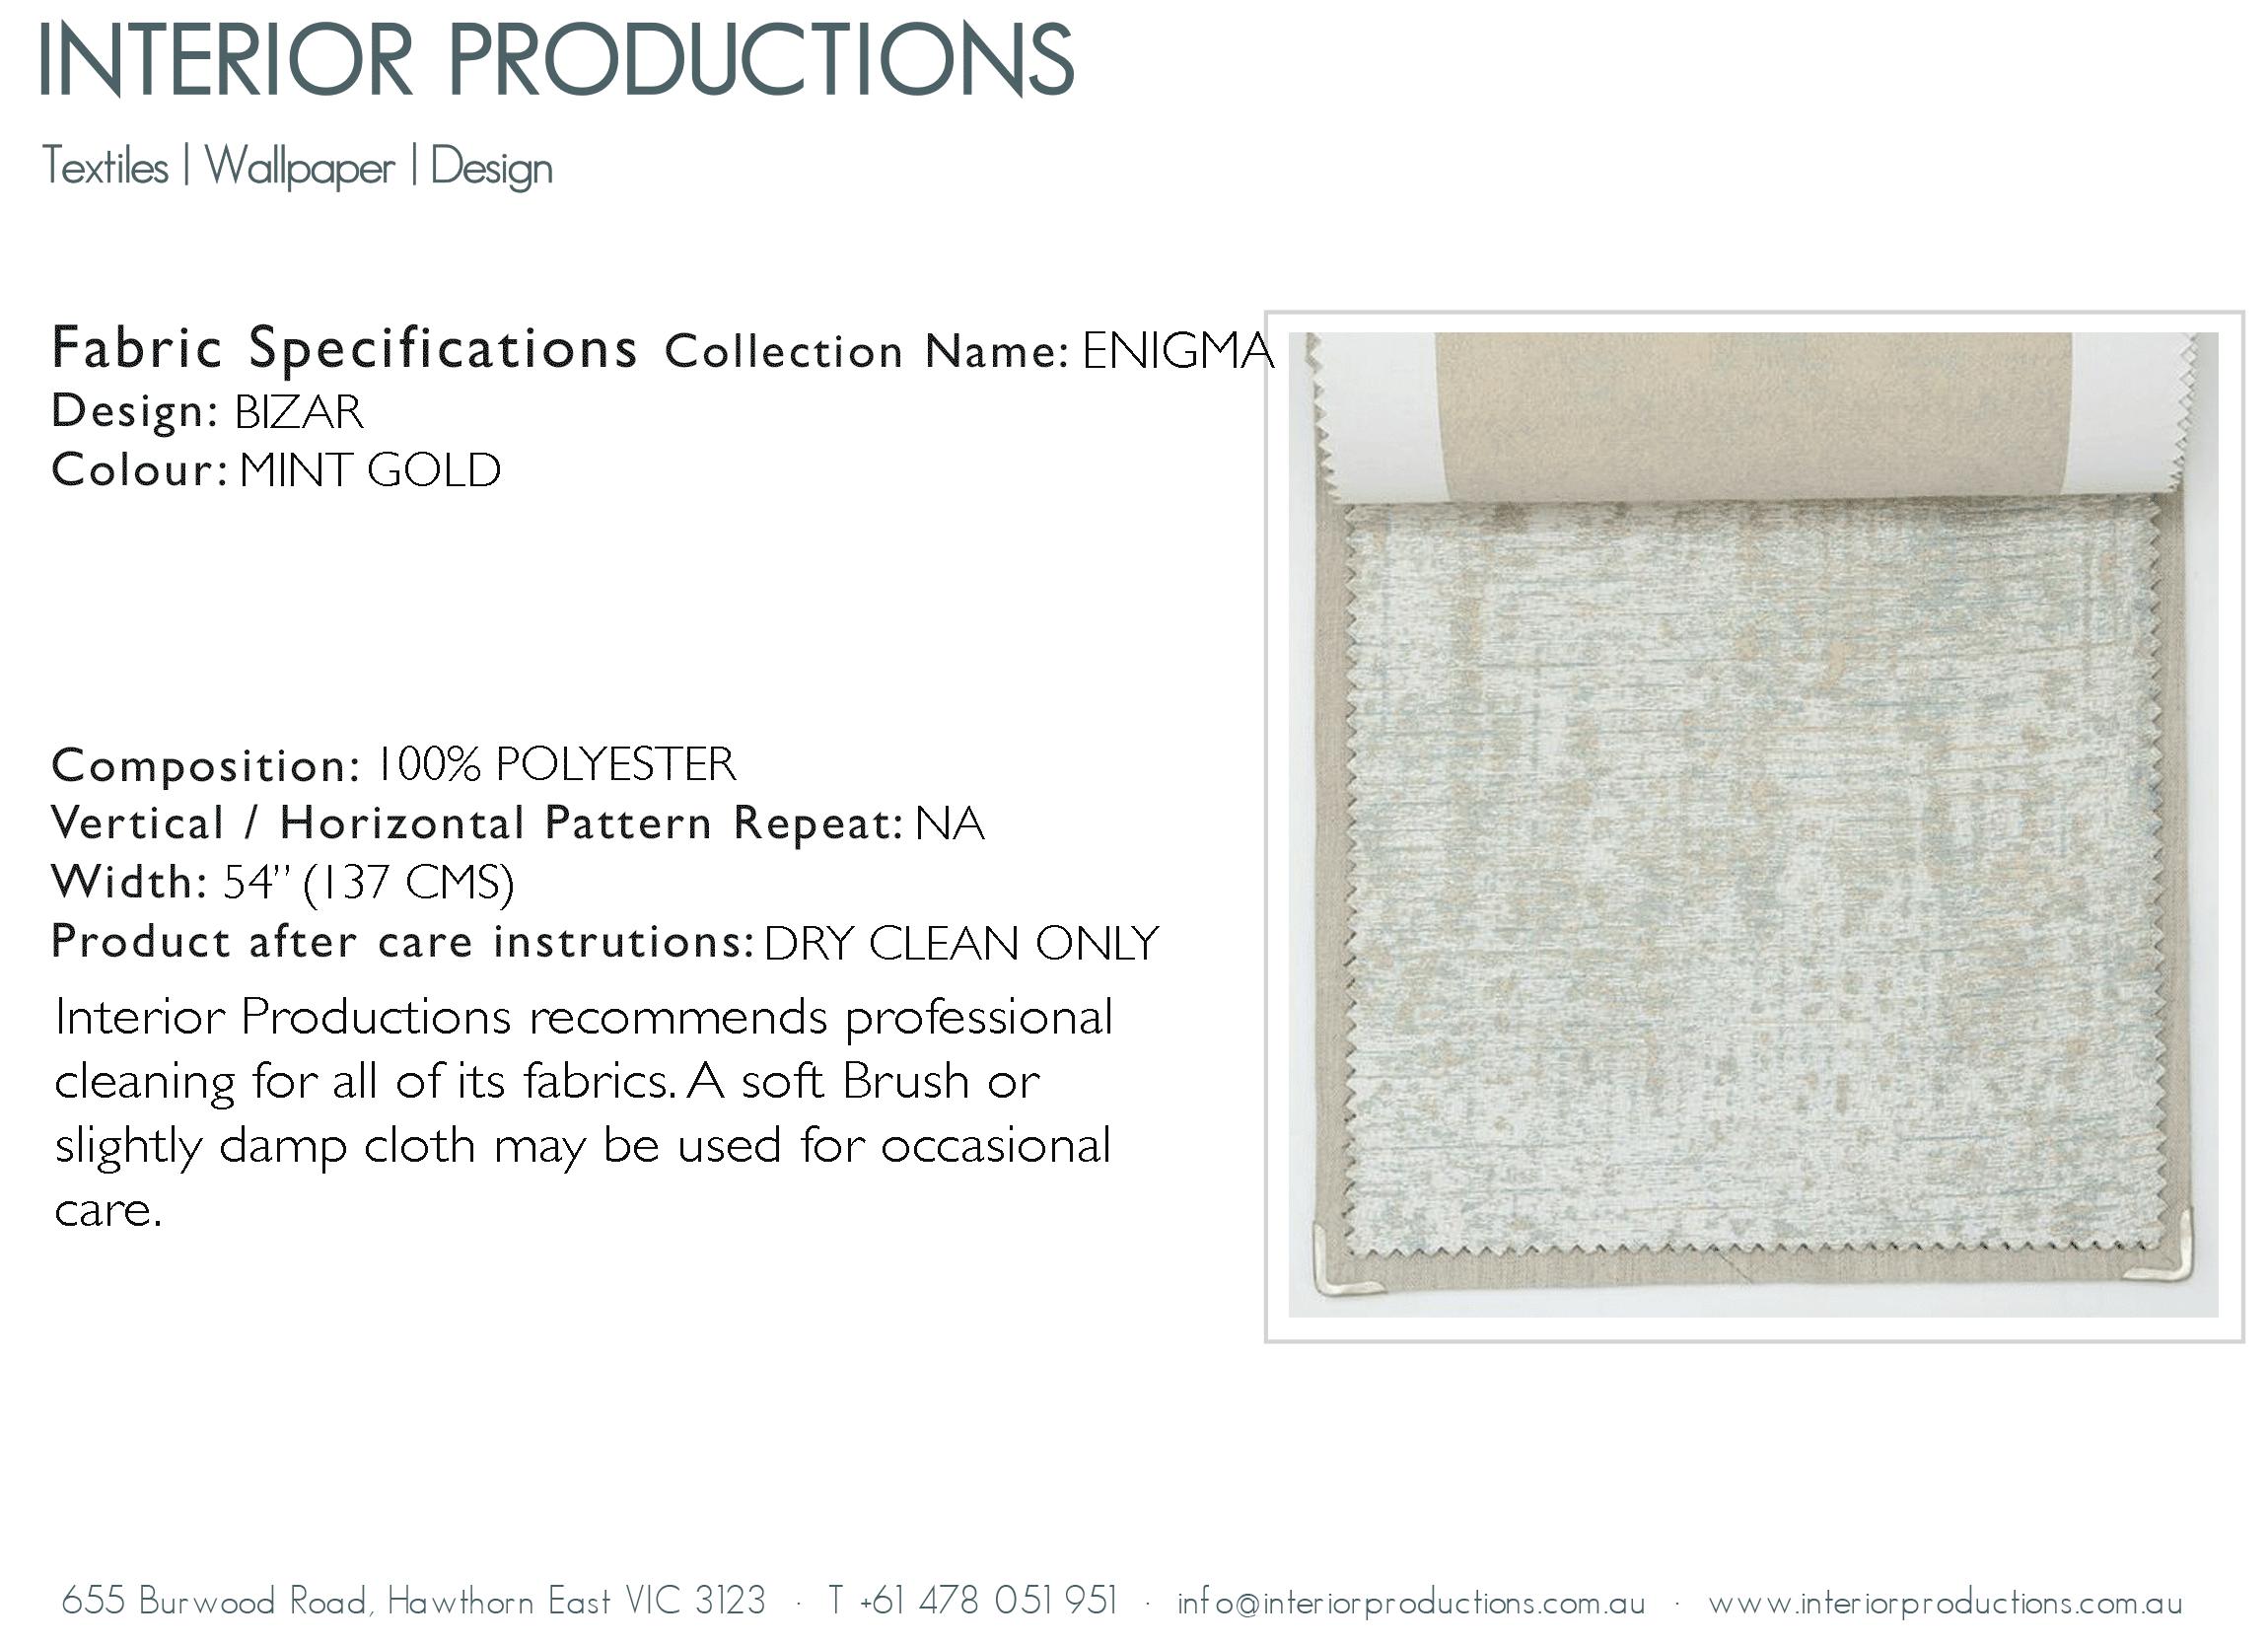 interior_productions_BIZAR---MINT-GOLD